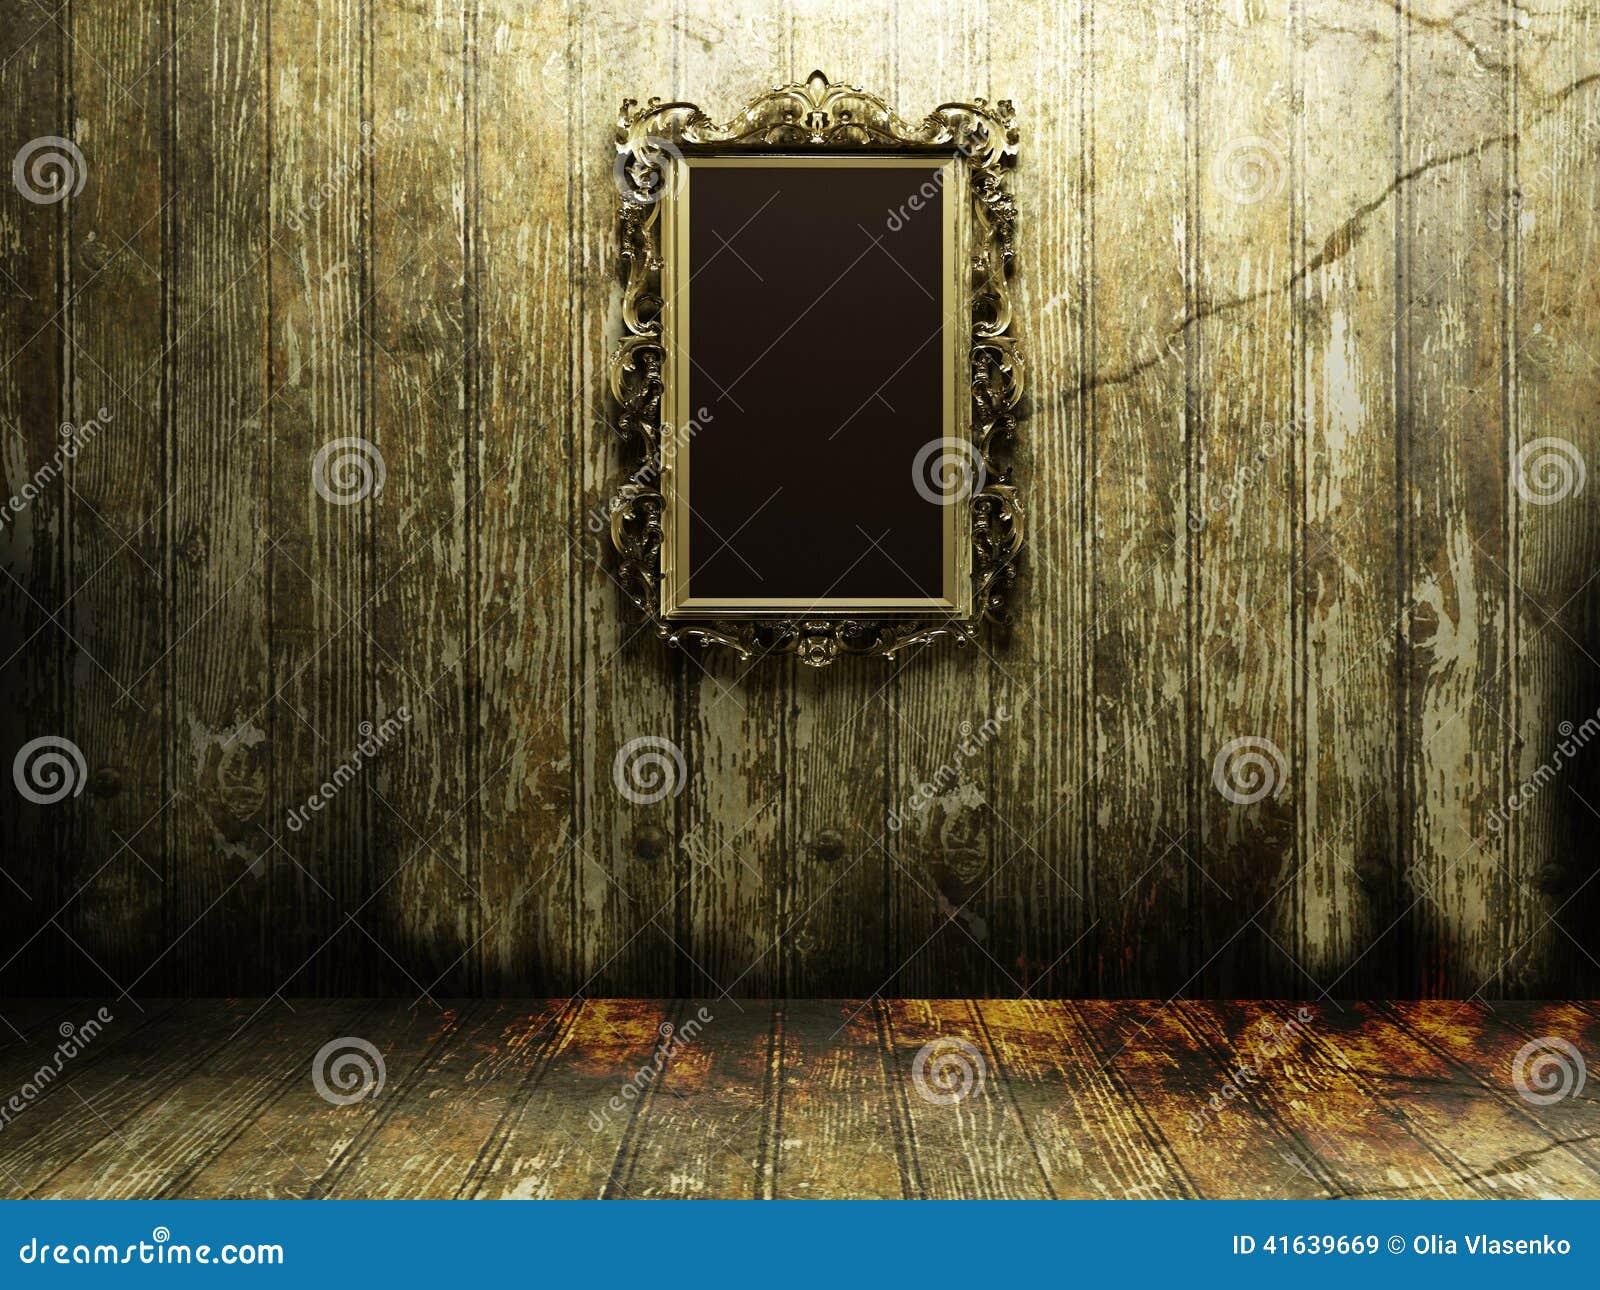 antiker spiegel in einer dunkelkammer stock abbildung. Black Bedroom Furniture Sets. Home Design Ideas